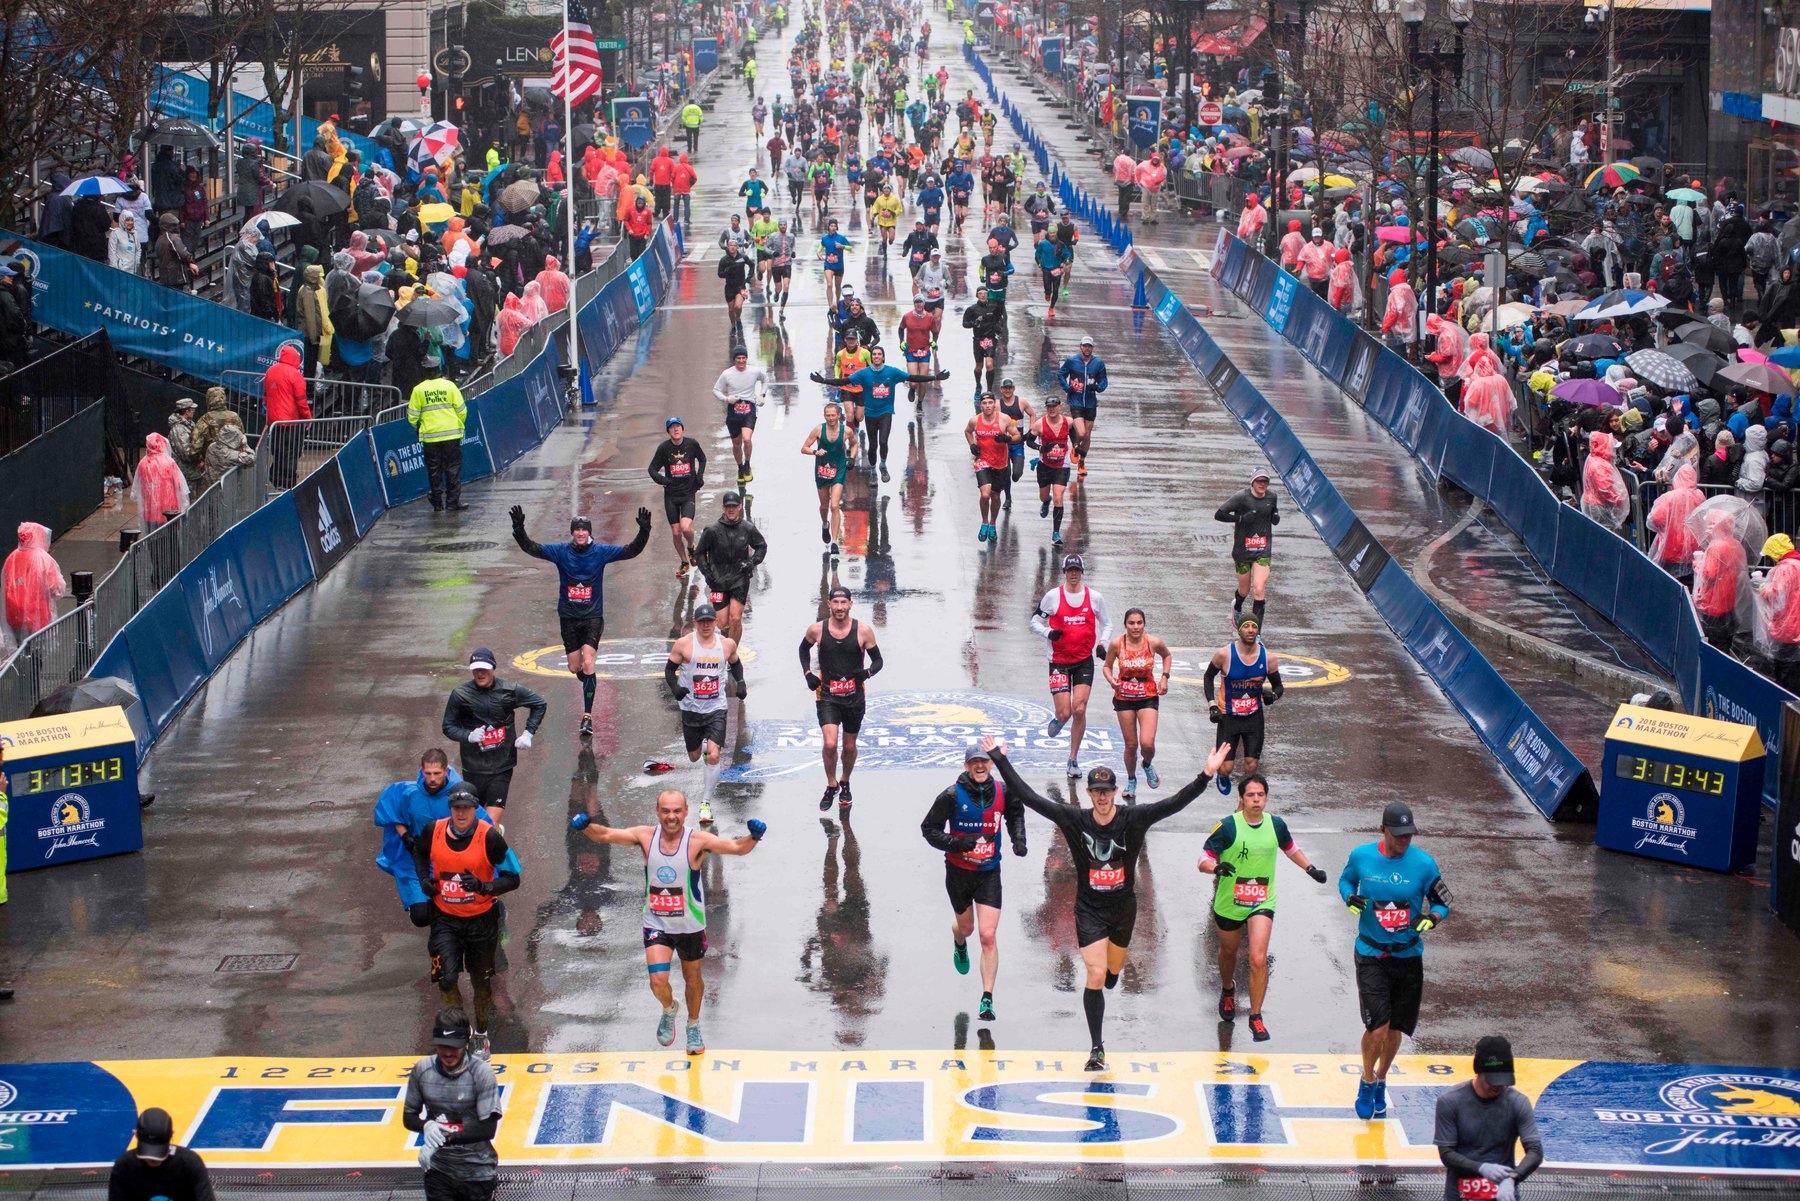 Едно от най-големите състезания в глобален мащаб - Бостънският маратон,